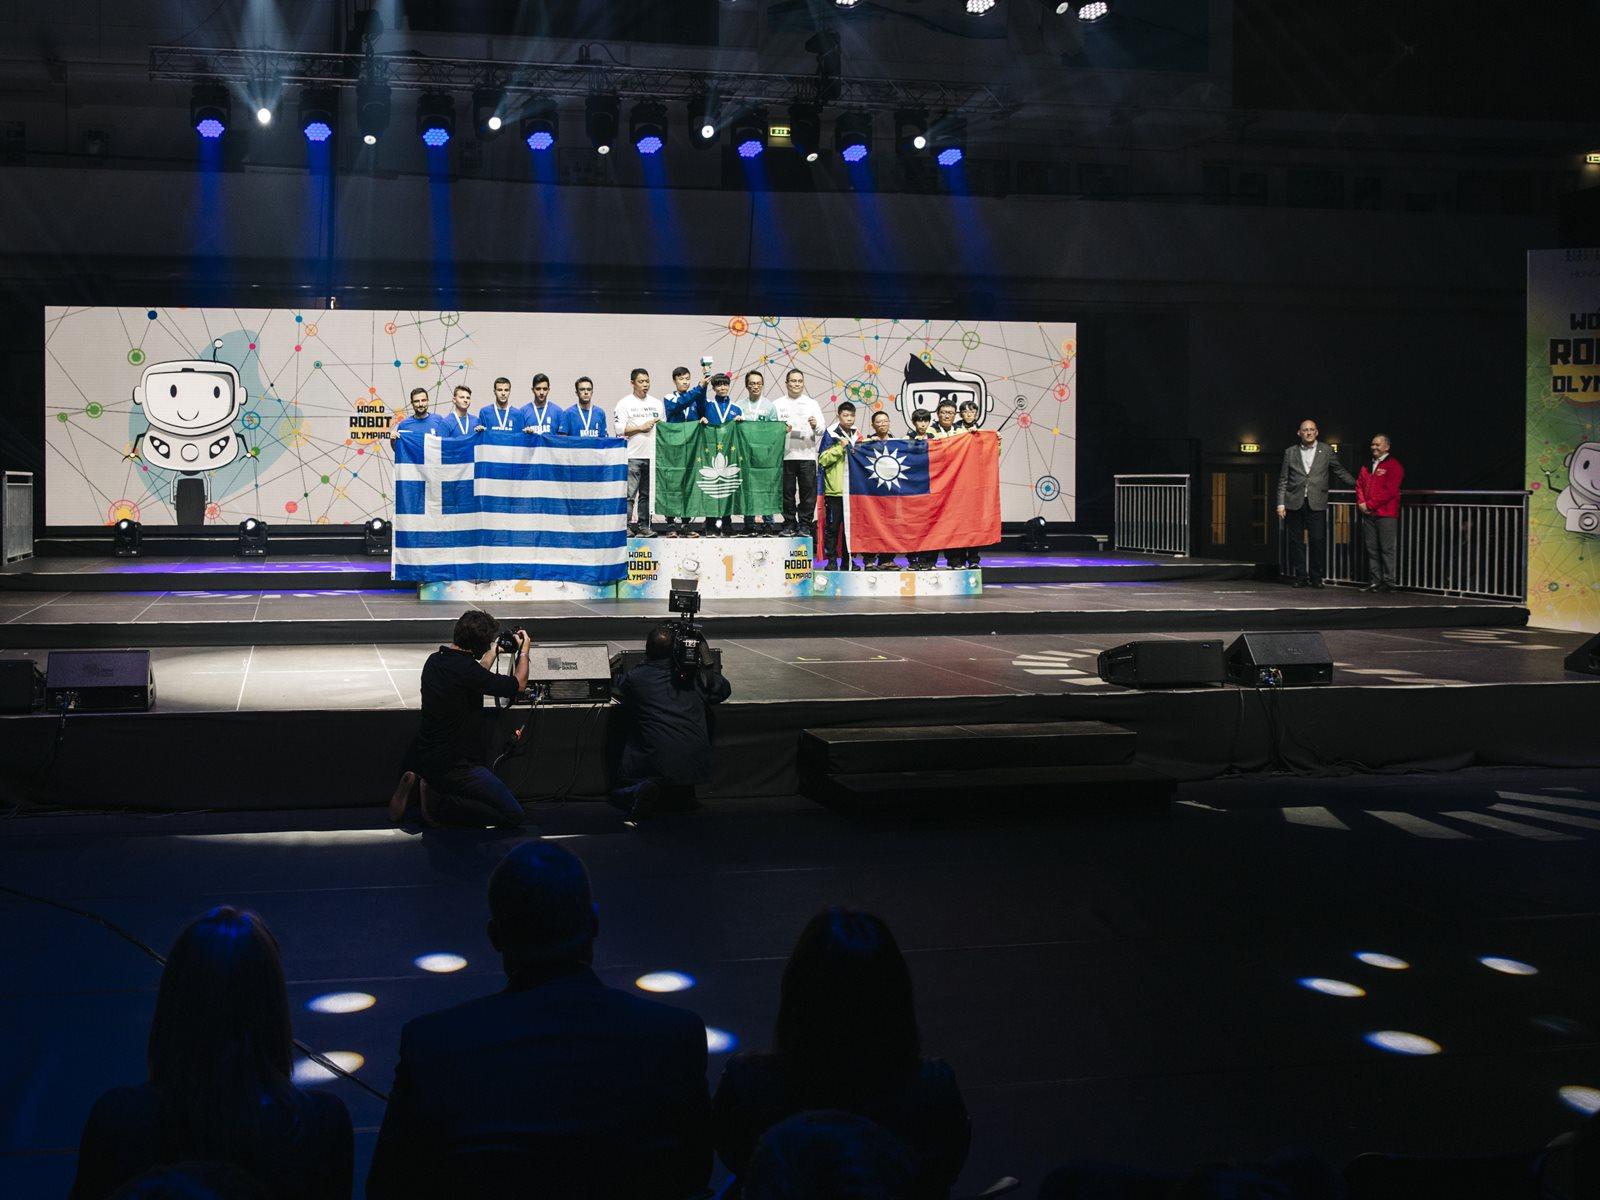 Στη δεύτερη θέση του βάθρου στον παγκόσμιο τελικό της Ολυμπιάδας Εκπαιδευτικής Ρομποτικής WRO 2019, η ομάδα bitbot από την Καλαμάτα και τους Νίκο Γιαννόπουλο, Κωνσταντίνο Καργάκο και Γιώργο Μπάκα στην κατηγορία ποδοσφαίρου με ρομπότ.